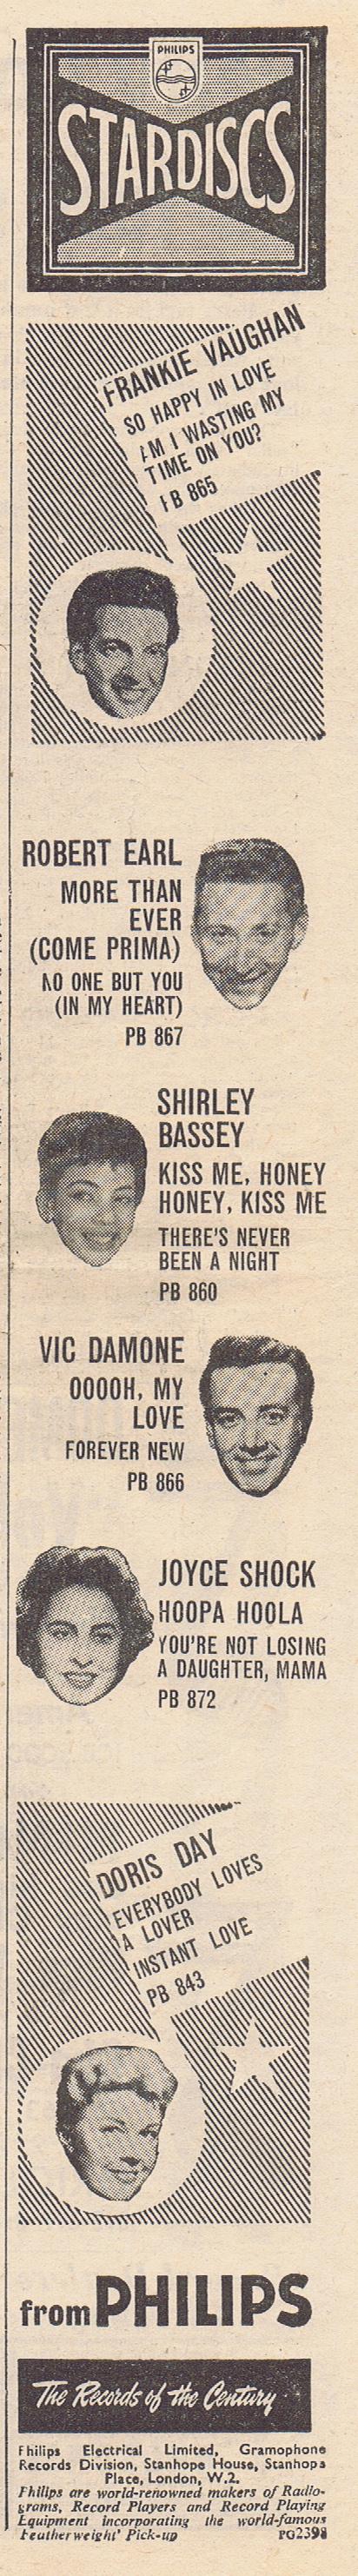 1958 AA NMEBassey24thOct